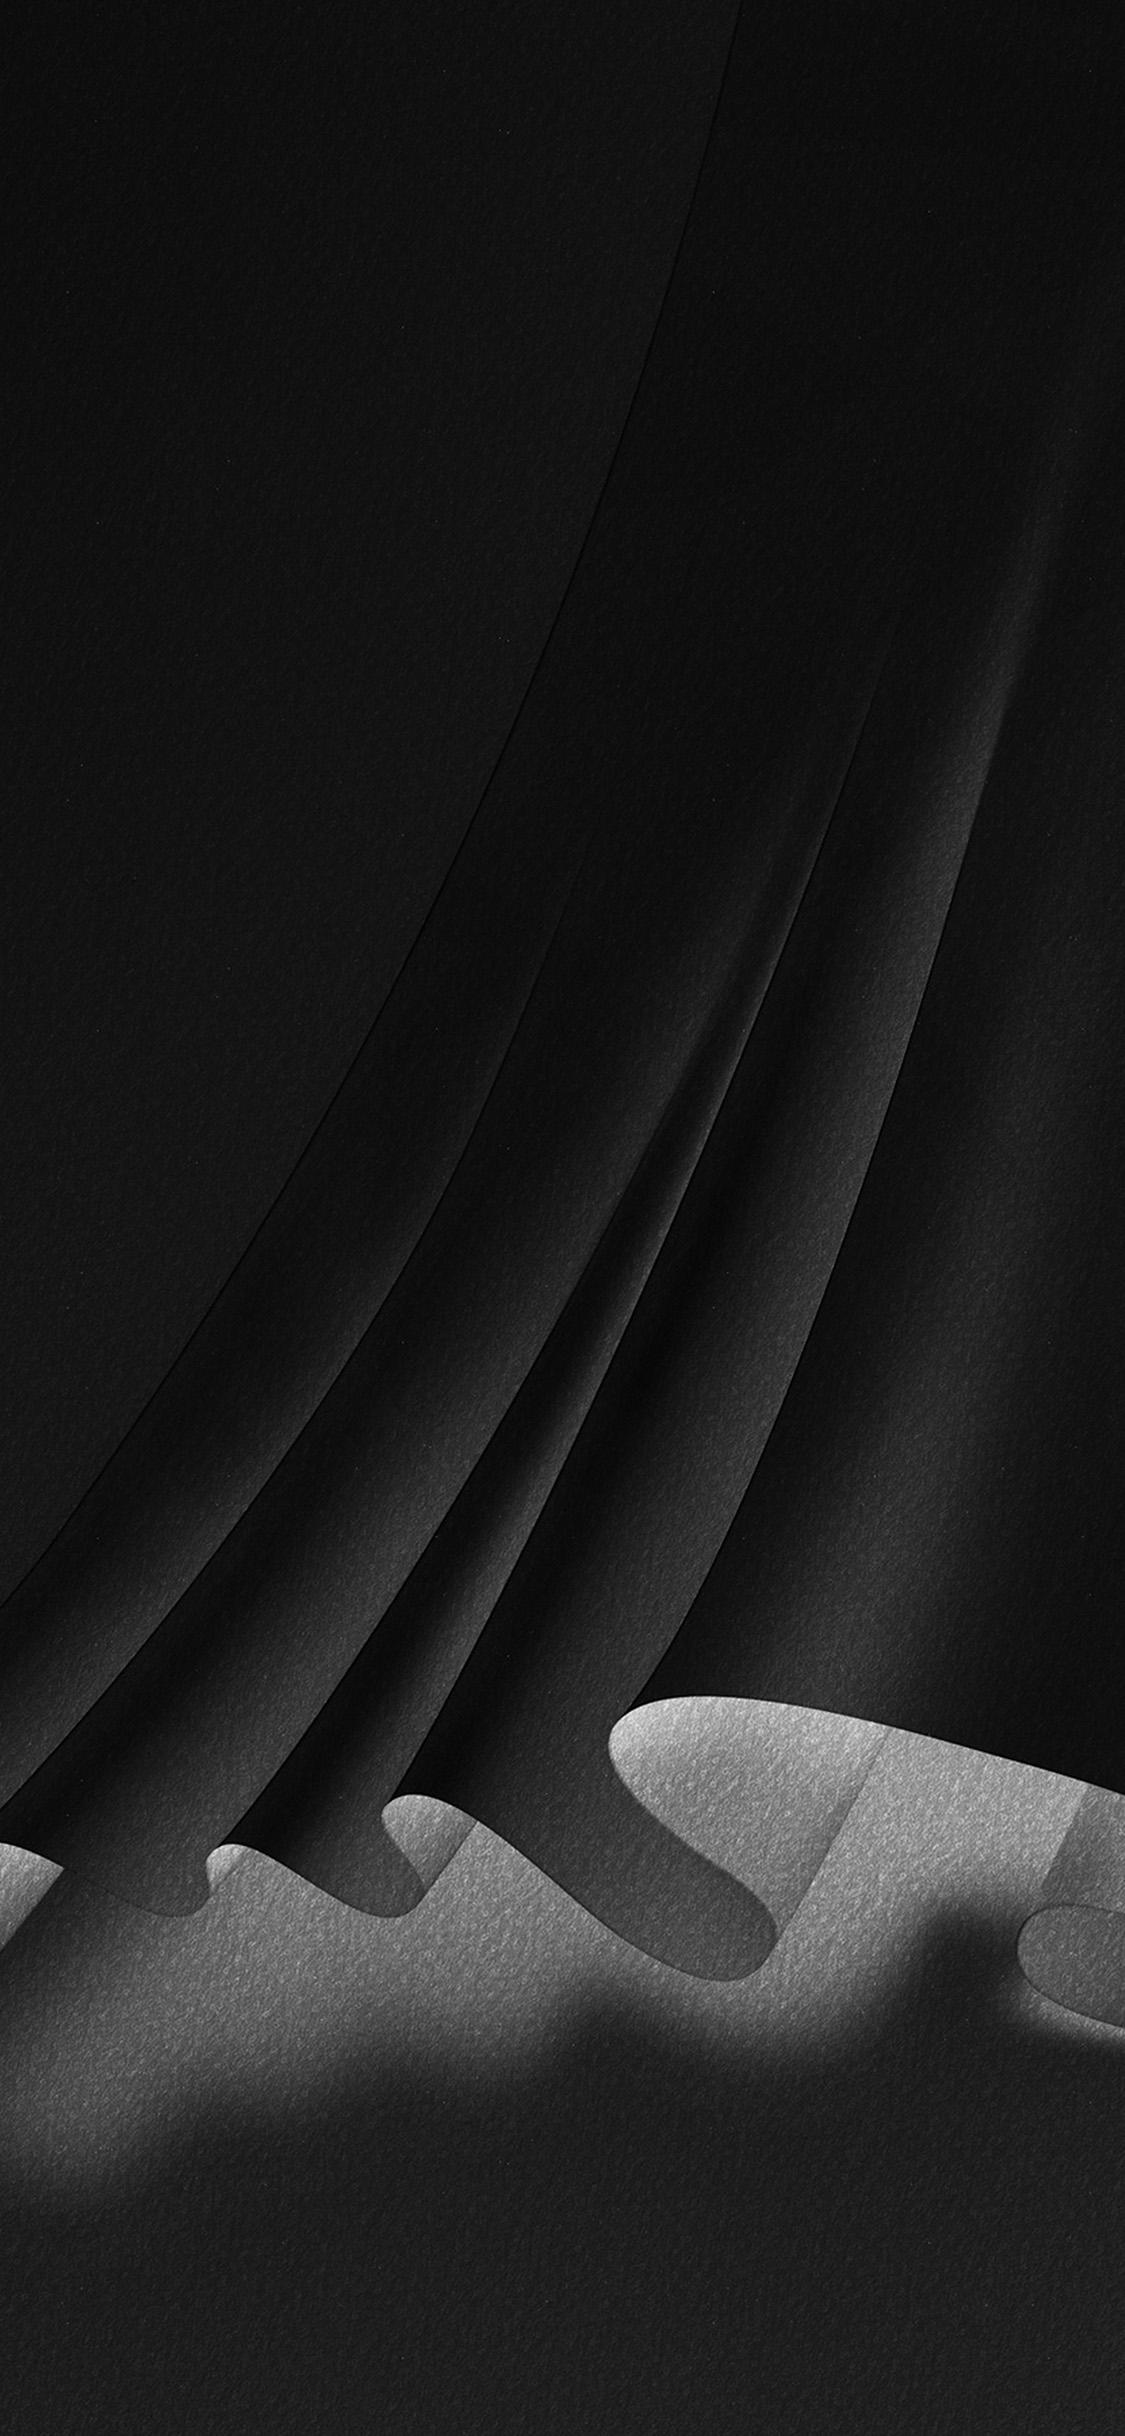 iPhonexpapers.com-Apple-iPhone-wallpaper-bg17-curtain-drawing-art-simple-dark